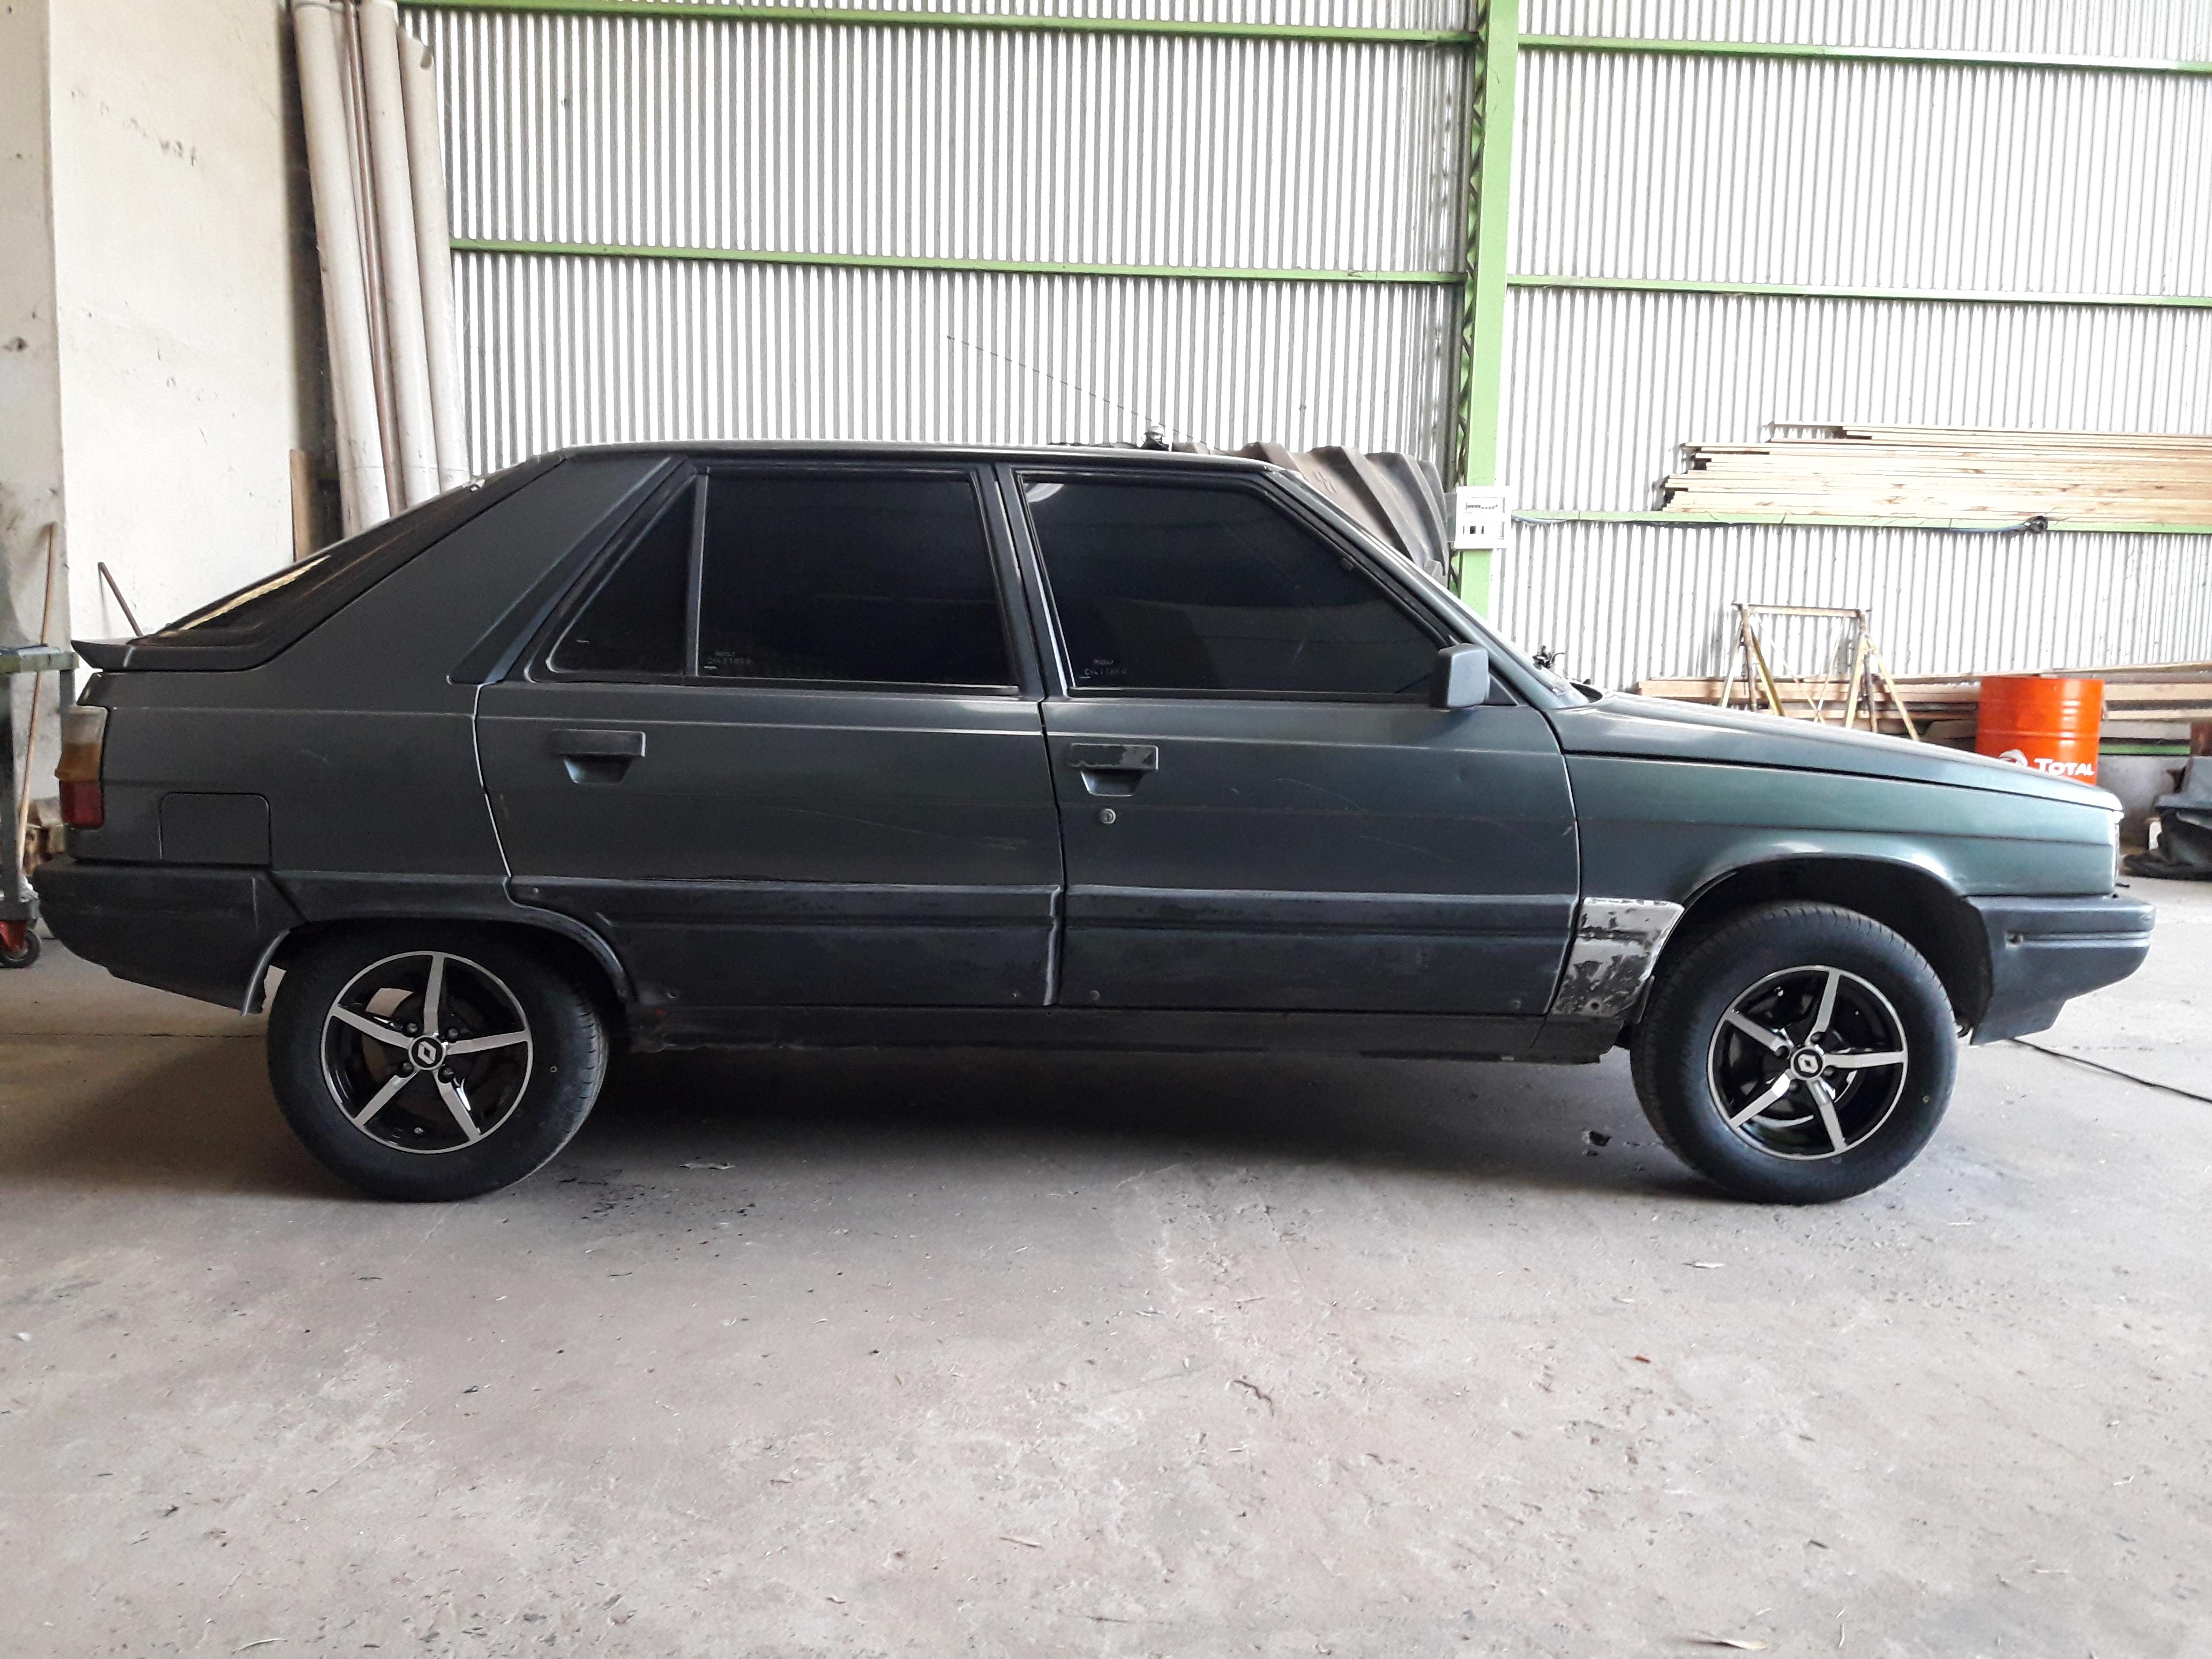 Renault 11 1.4 ts 1989